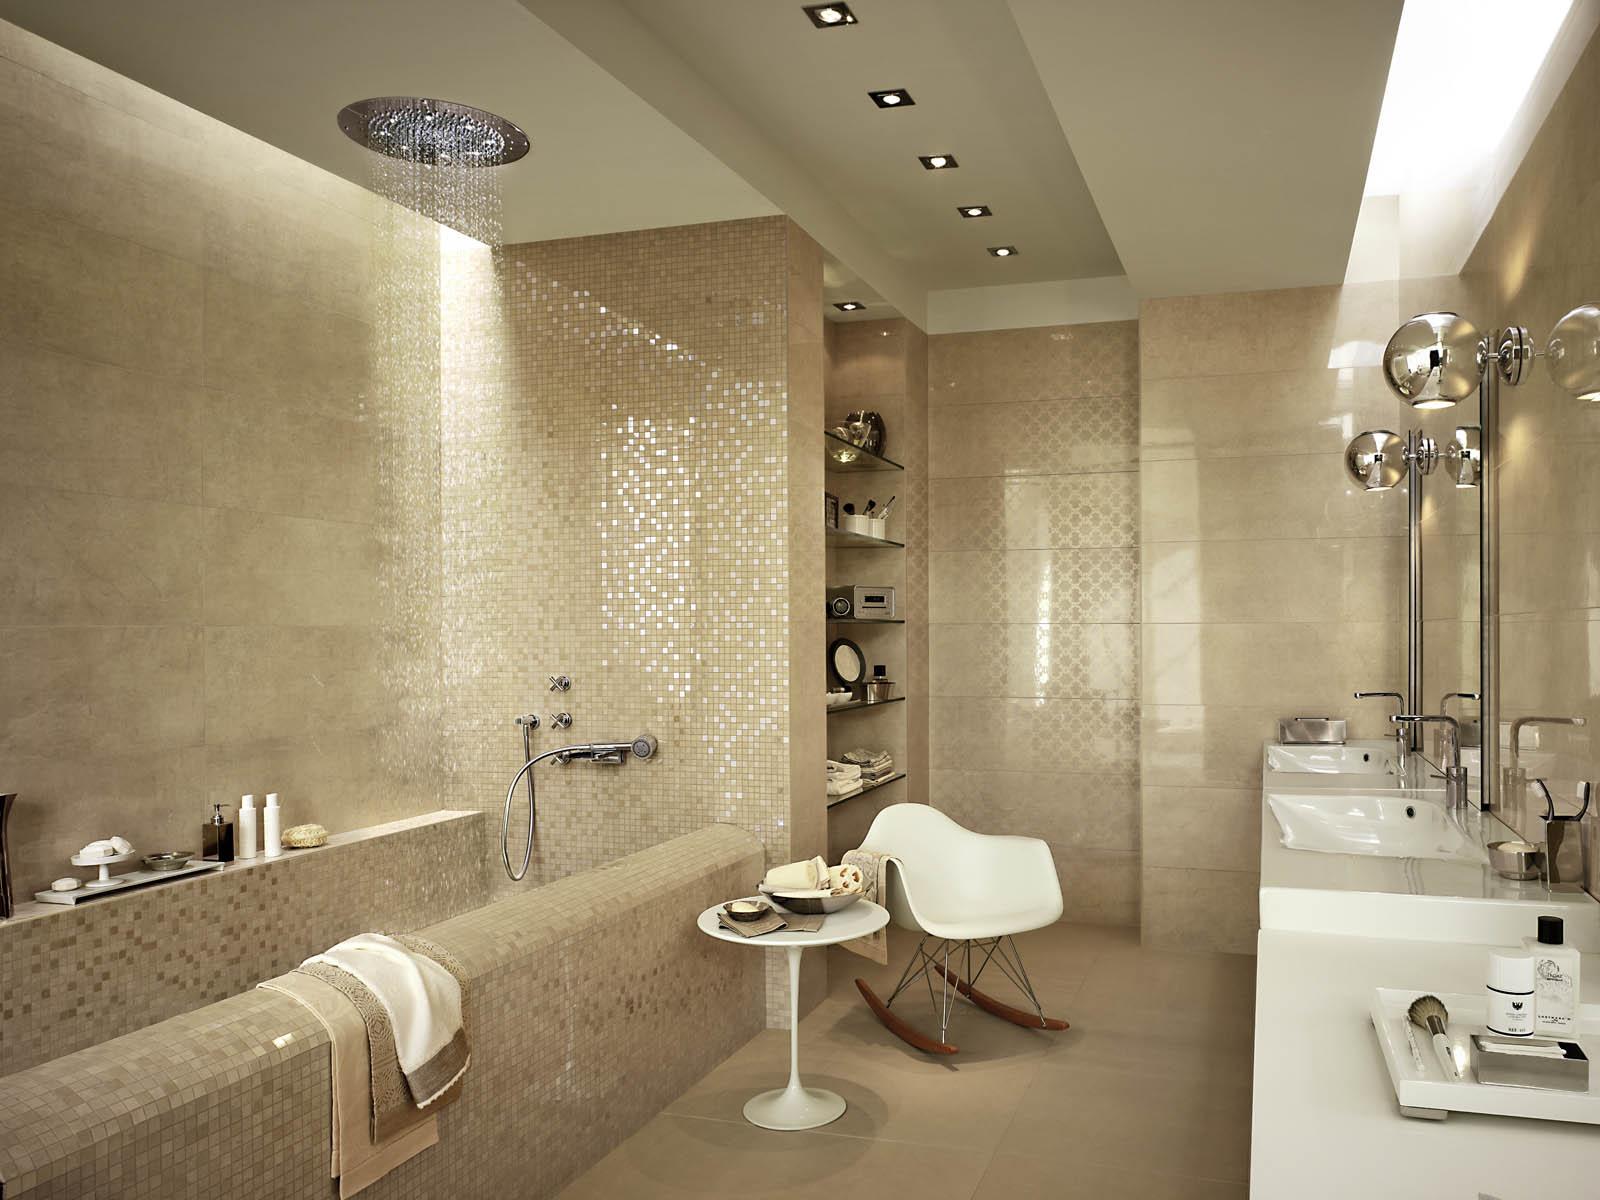 Stonevision rivestimento lucido marazzi - Smalto per pareti bagno ...